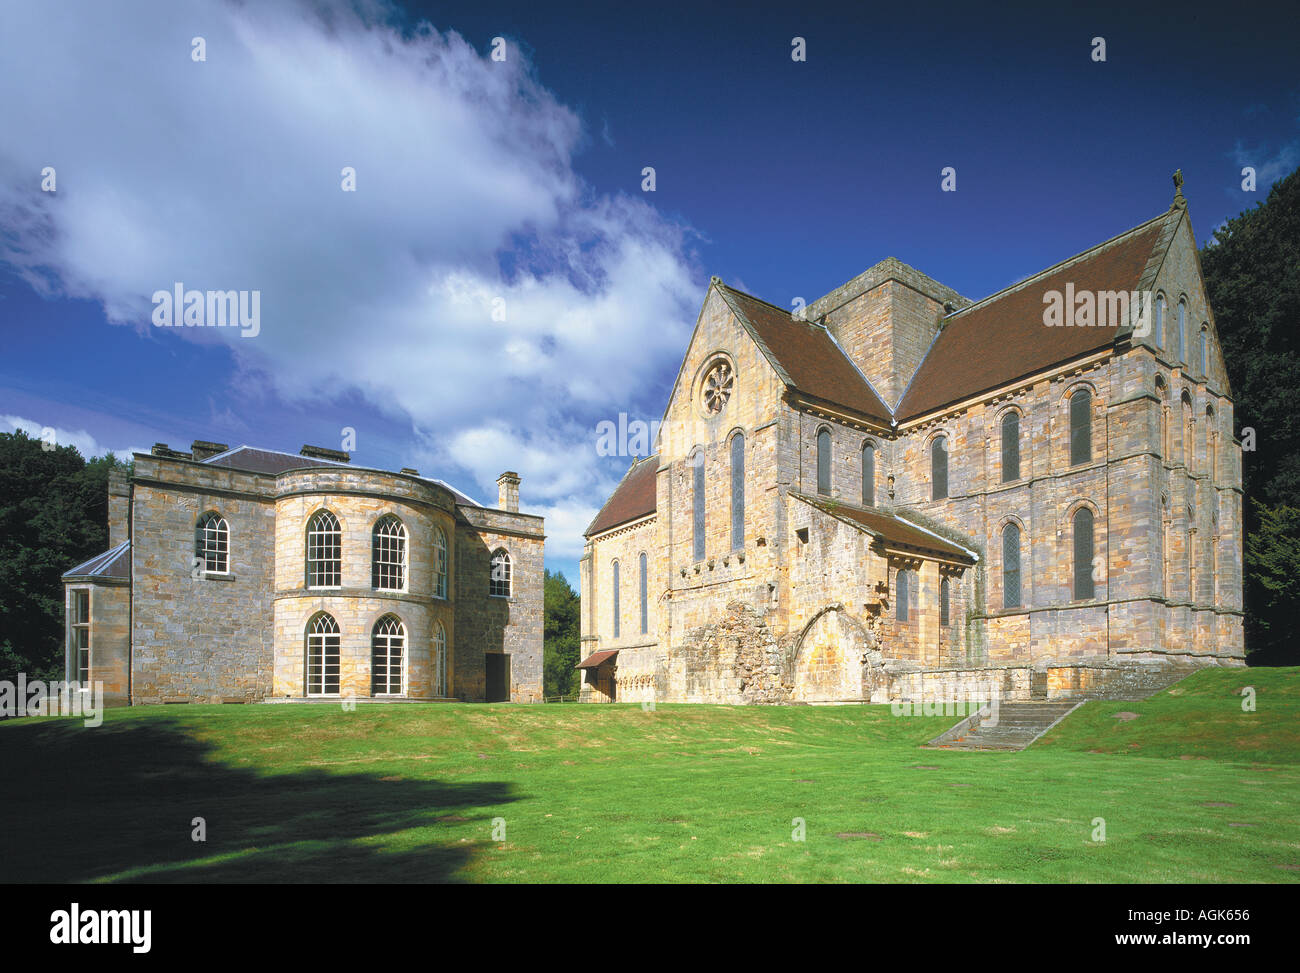 Brinkburn Priory Northumberland - Stock Image